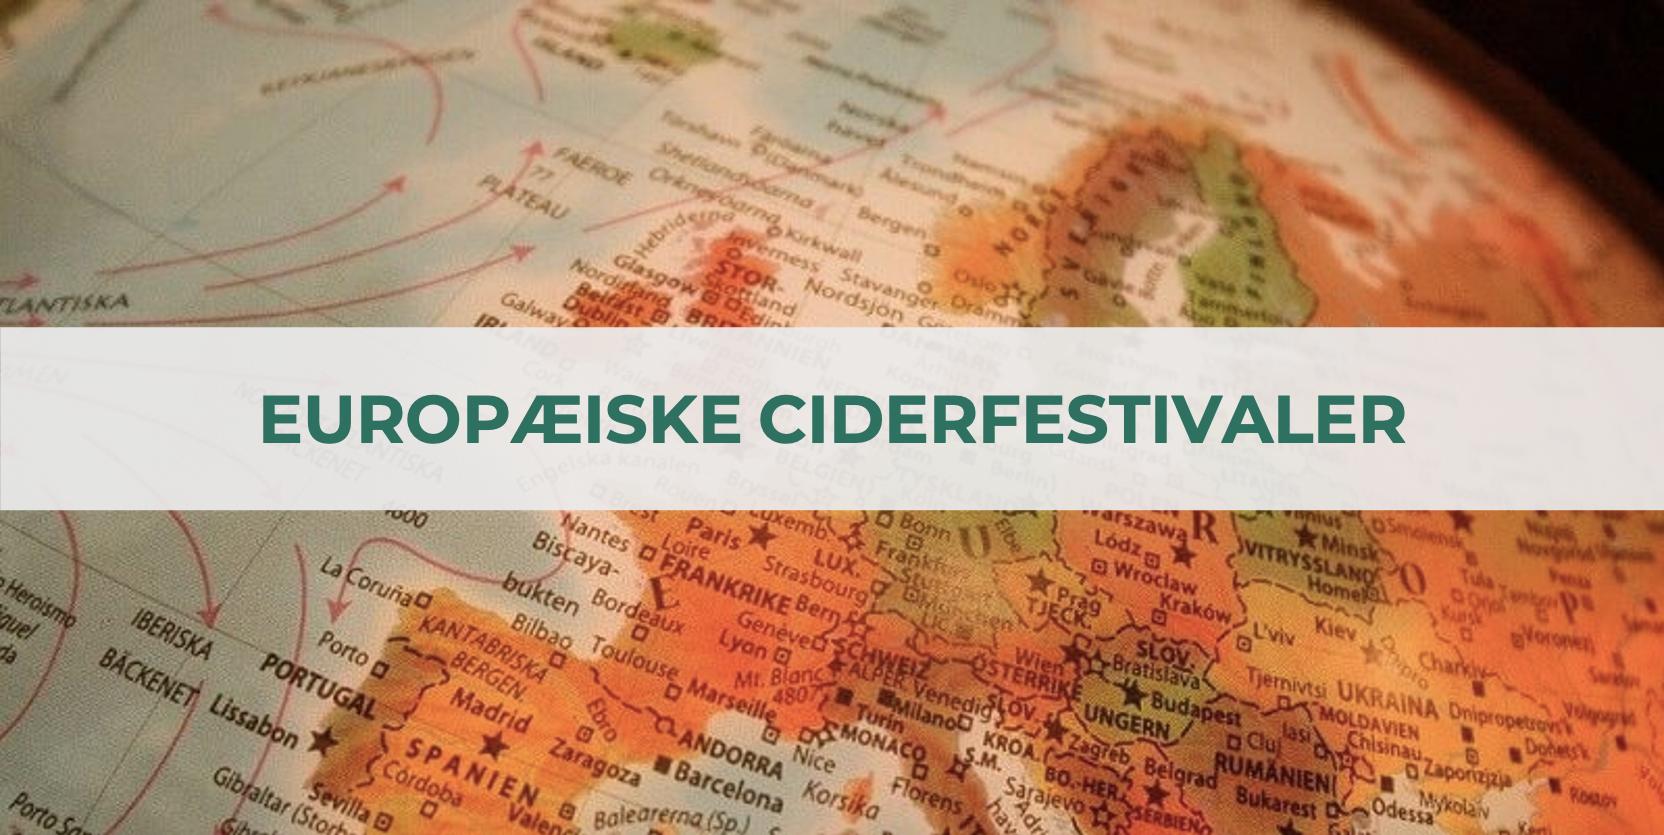 Europæiske ciderfestivaler